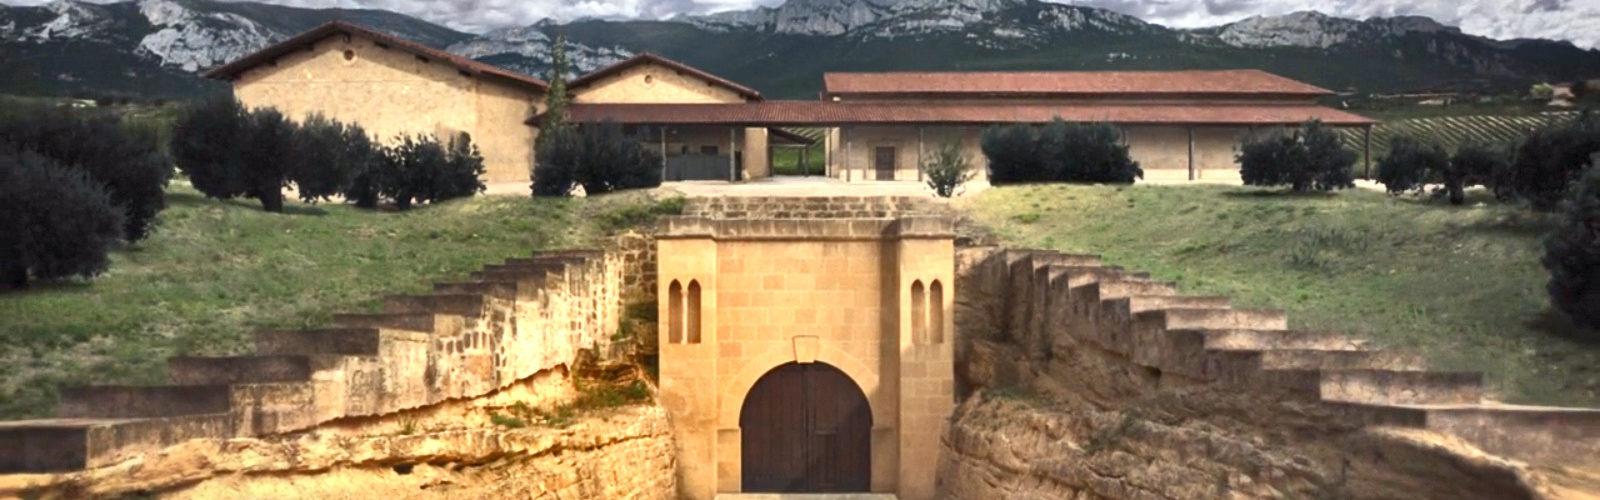 1bodega-subt-vinedos-paganos-bodega-subterranea-esculpida-bajo-el-vinedo